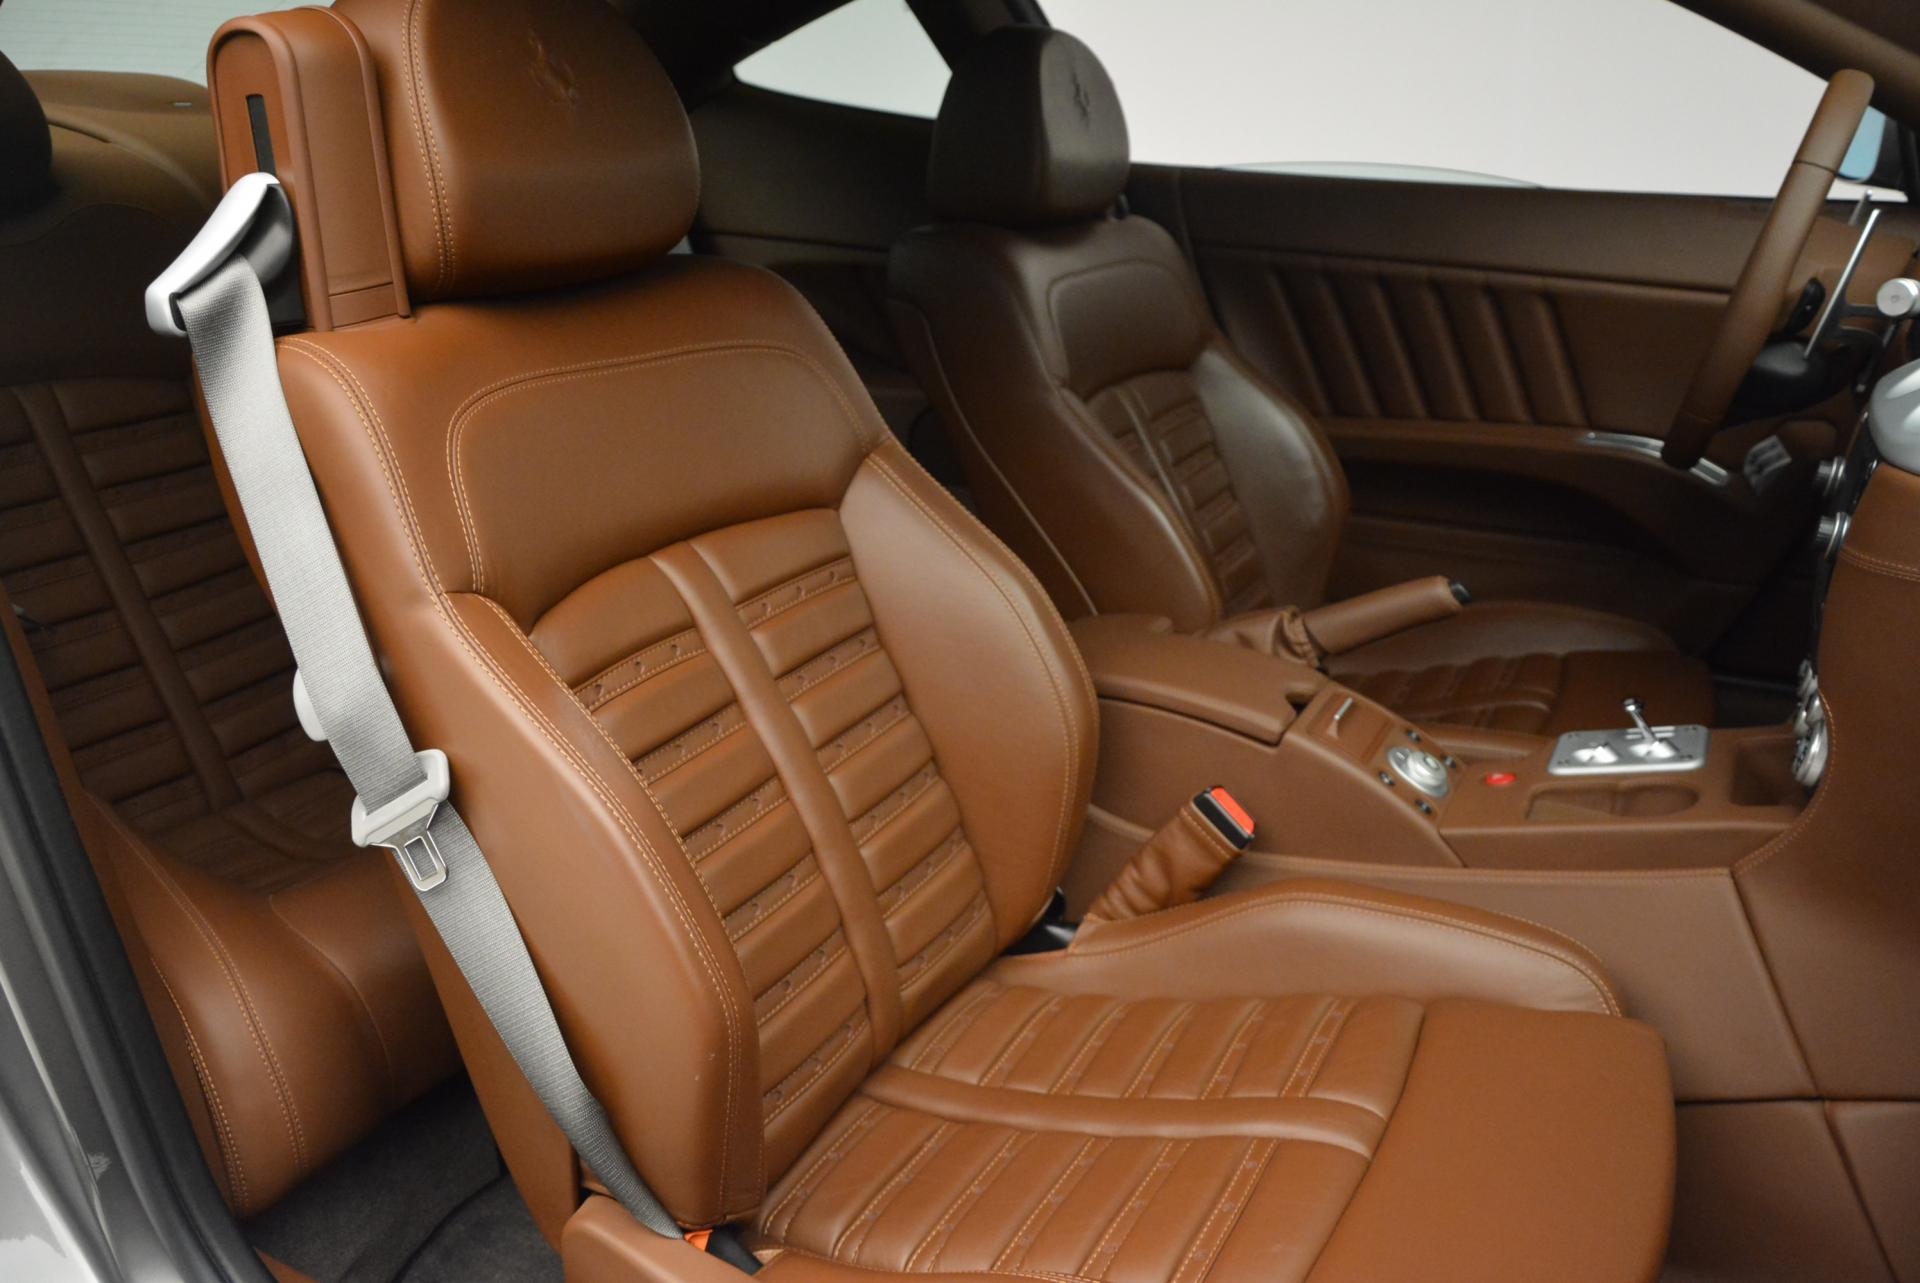 Used 2009 Ferrari 612 Scaglietti OTO For Sale In Greenwich, CT. Alfa Romeo of Greenwich, 4300 141_p20